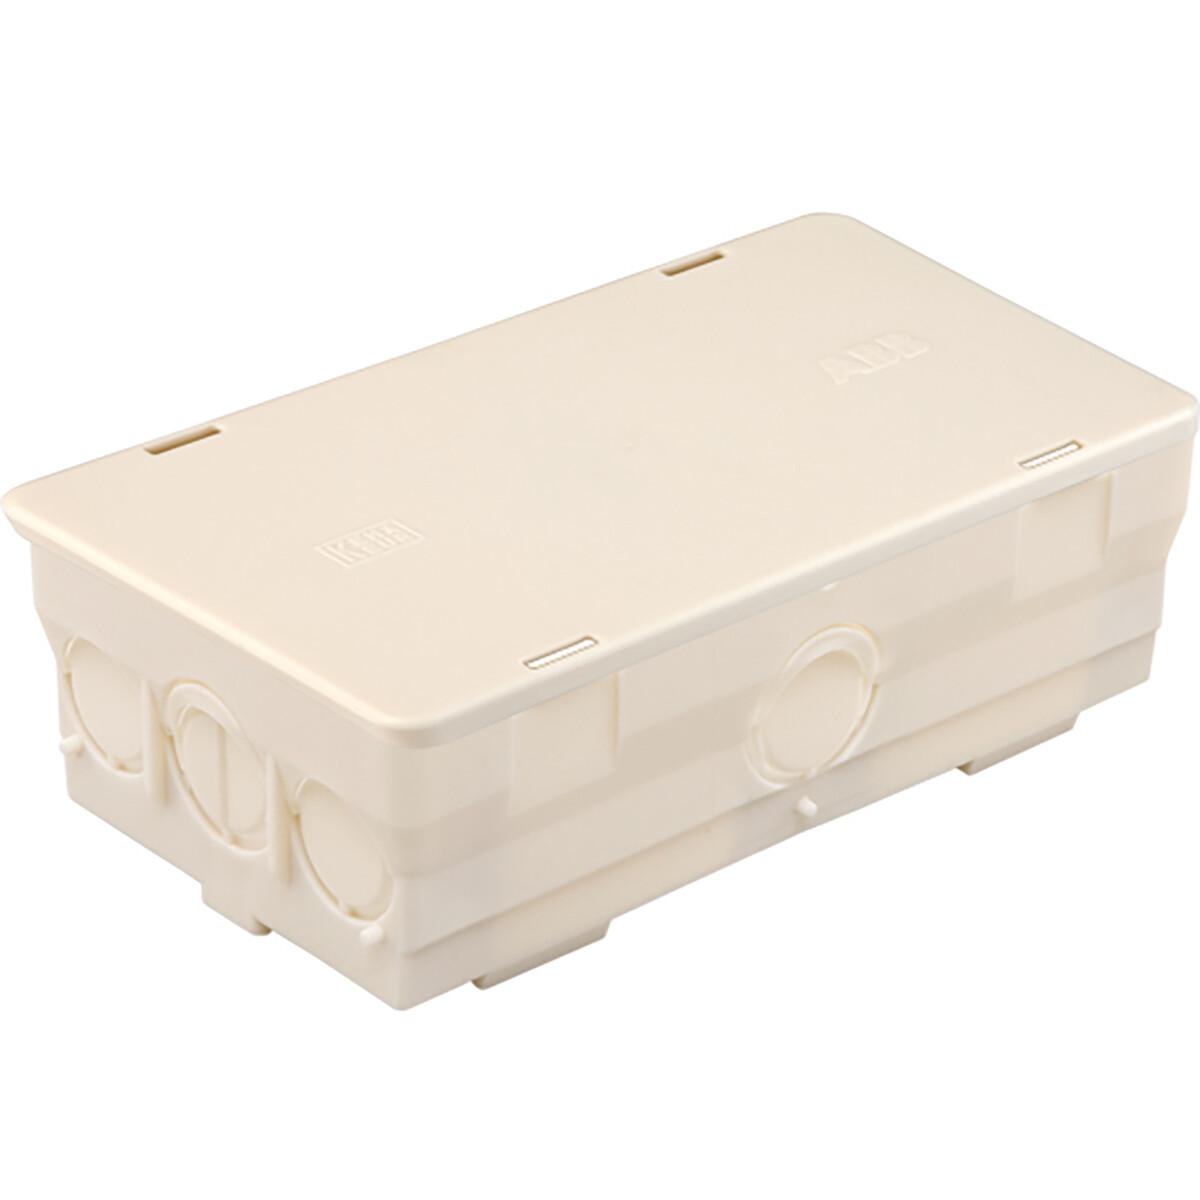 ABB - Lasdoos - Kabeldoos - Hafobox - Rechthoek - Opbouw - Incl. Deksel - 125x70x45mm - Wit